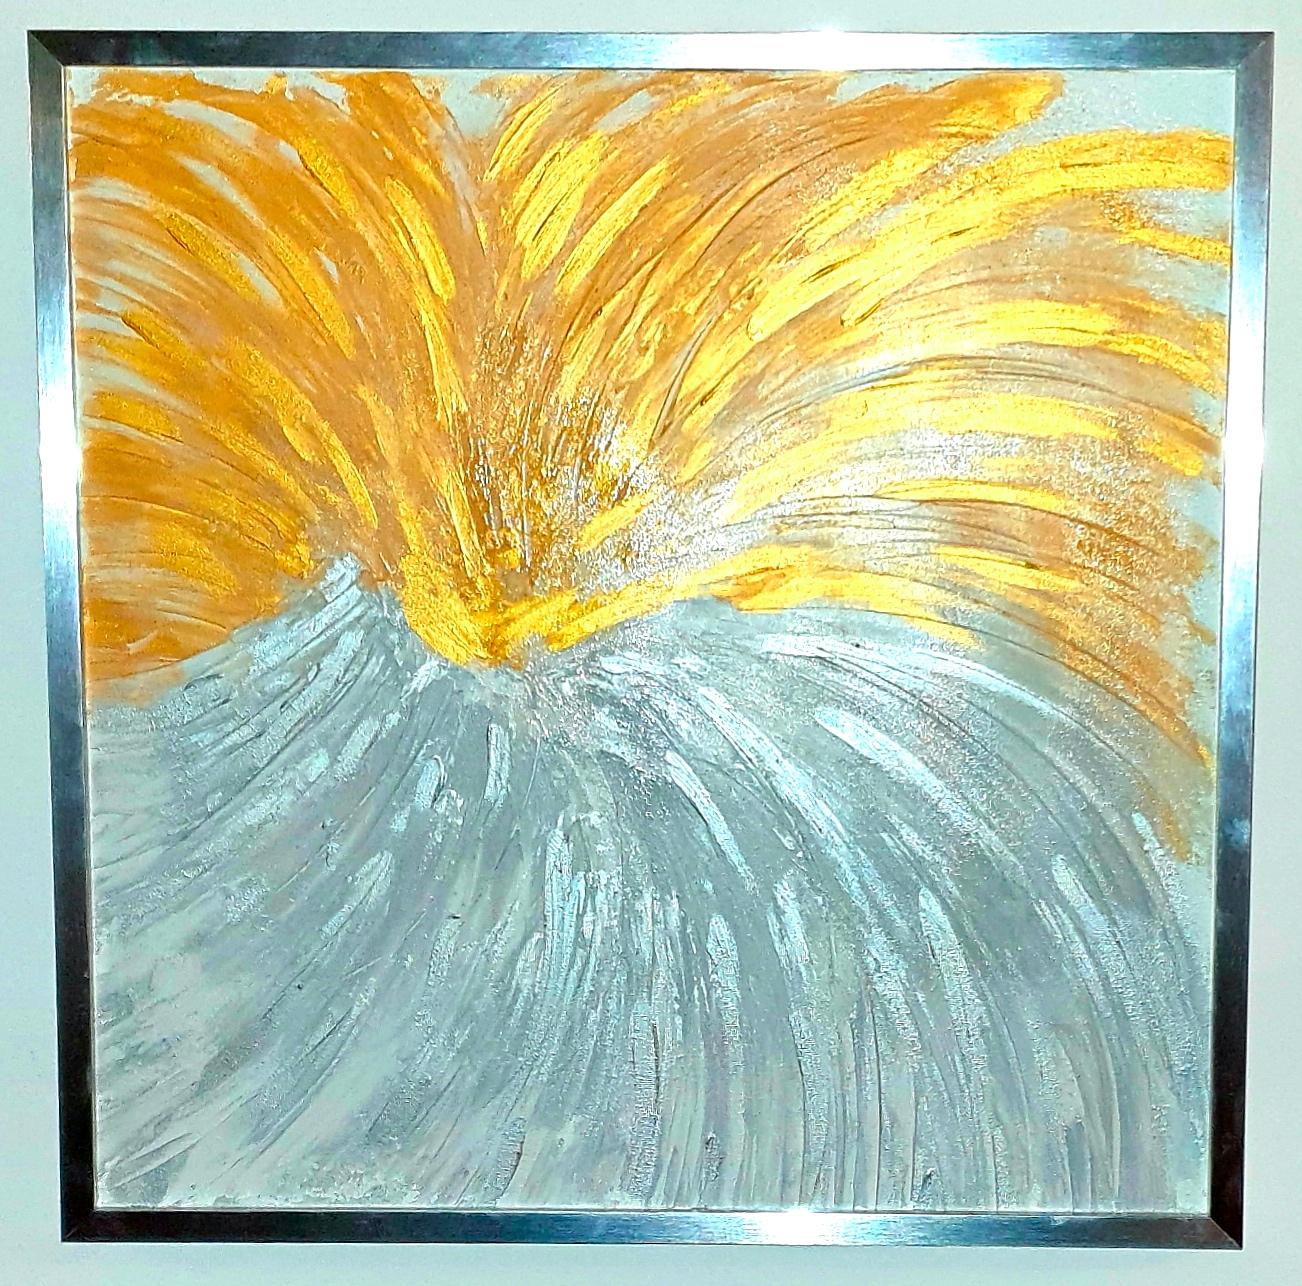 """Obraz akryl 54cm x 54cm pt. """"Inny wymiar"""" (2019) w pięknej srebrnej ramie."""